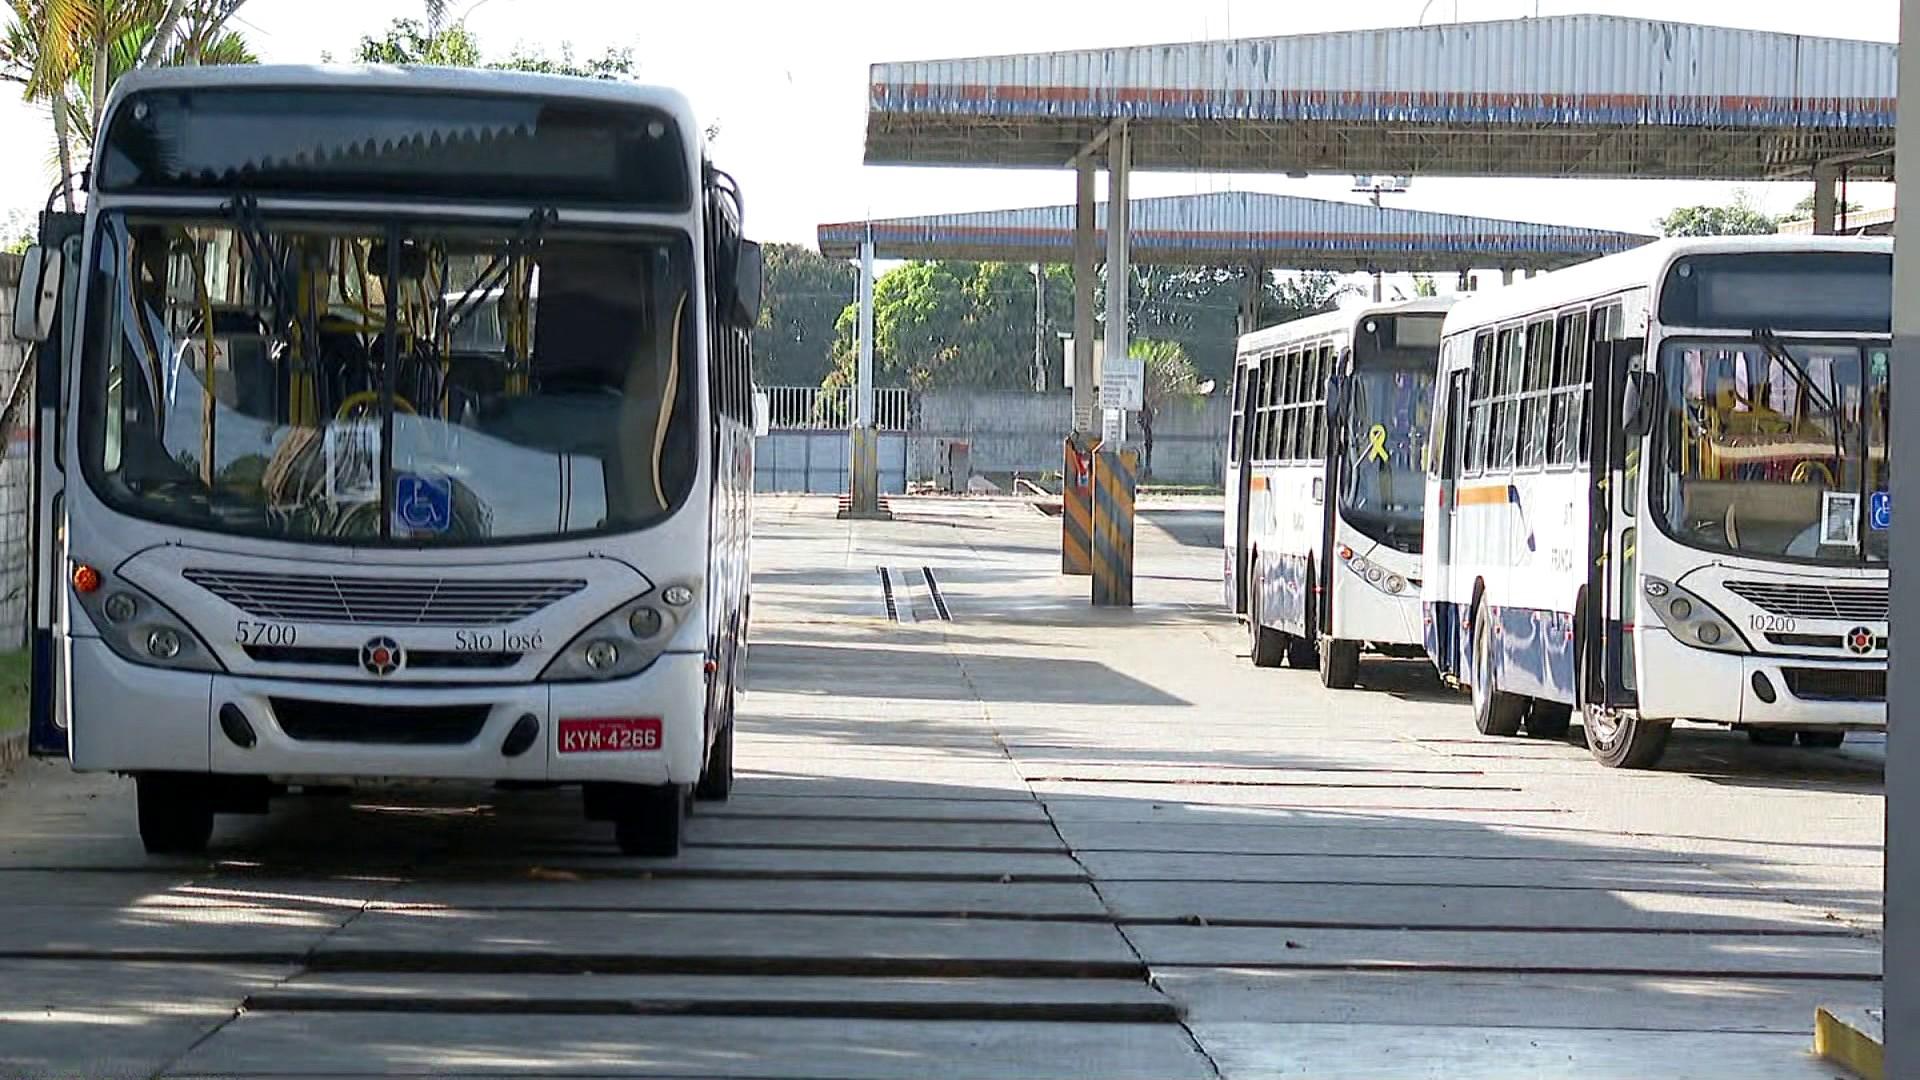 Transporte coletivo em Franca, SP, deve ser retomado nesta quinta-feira, diz Prefeitura